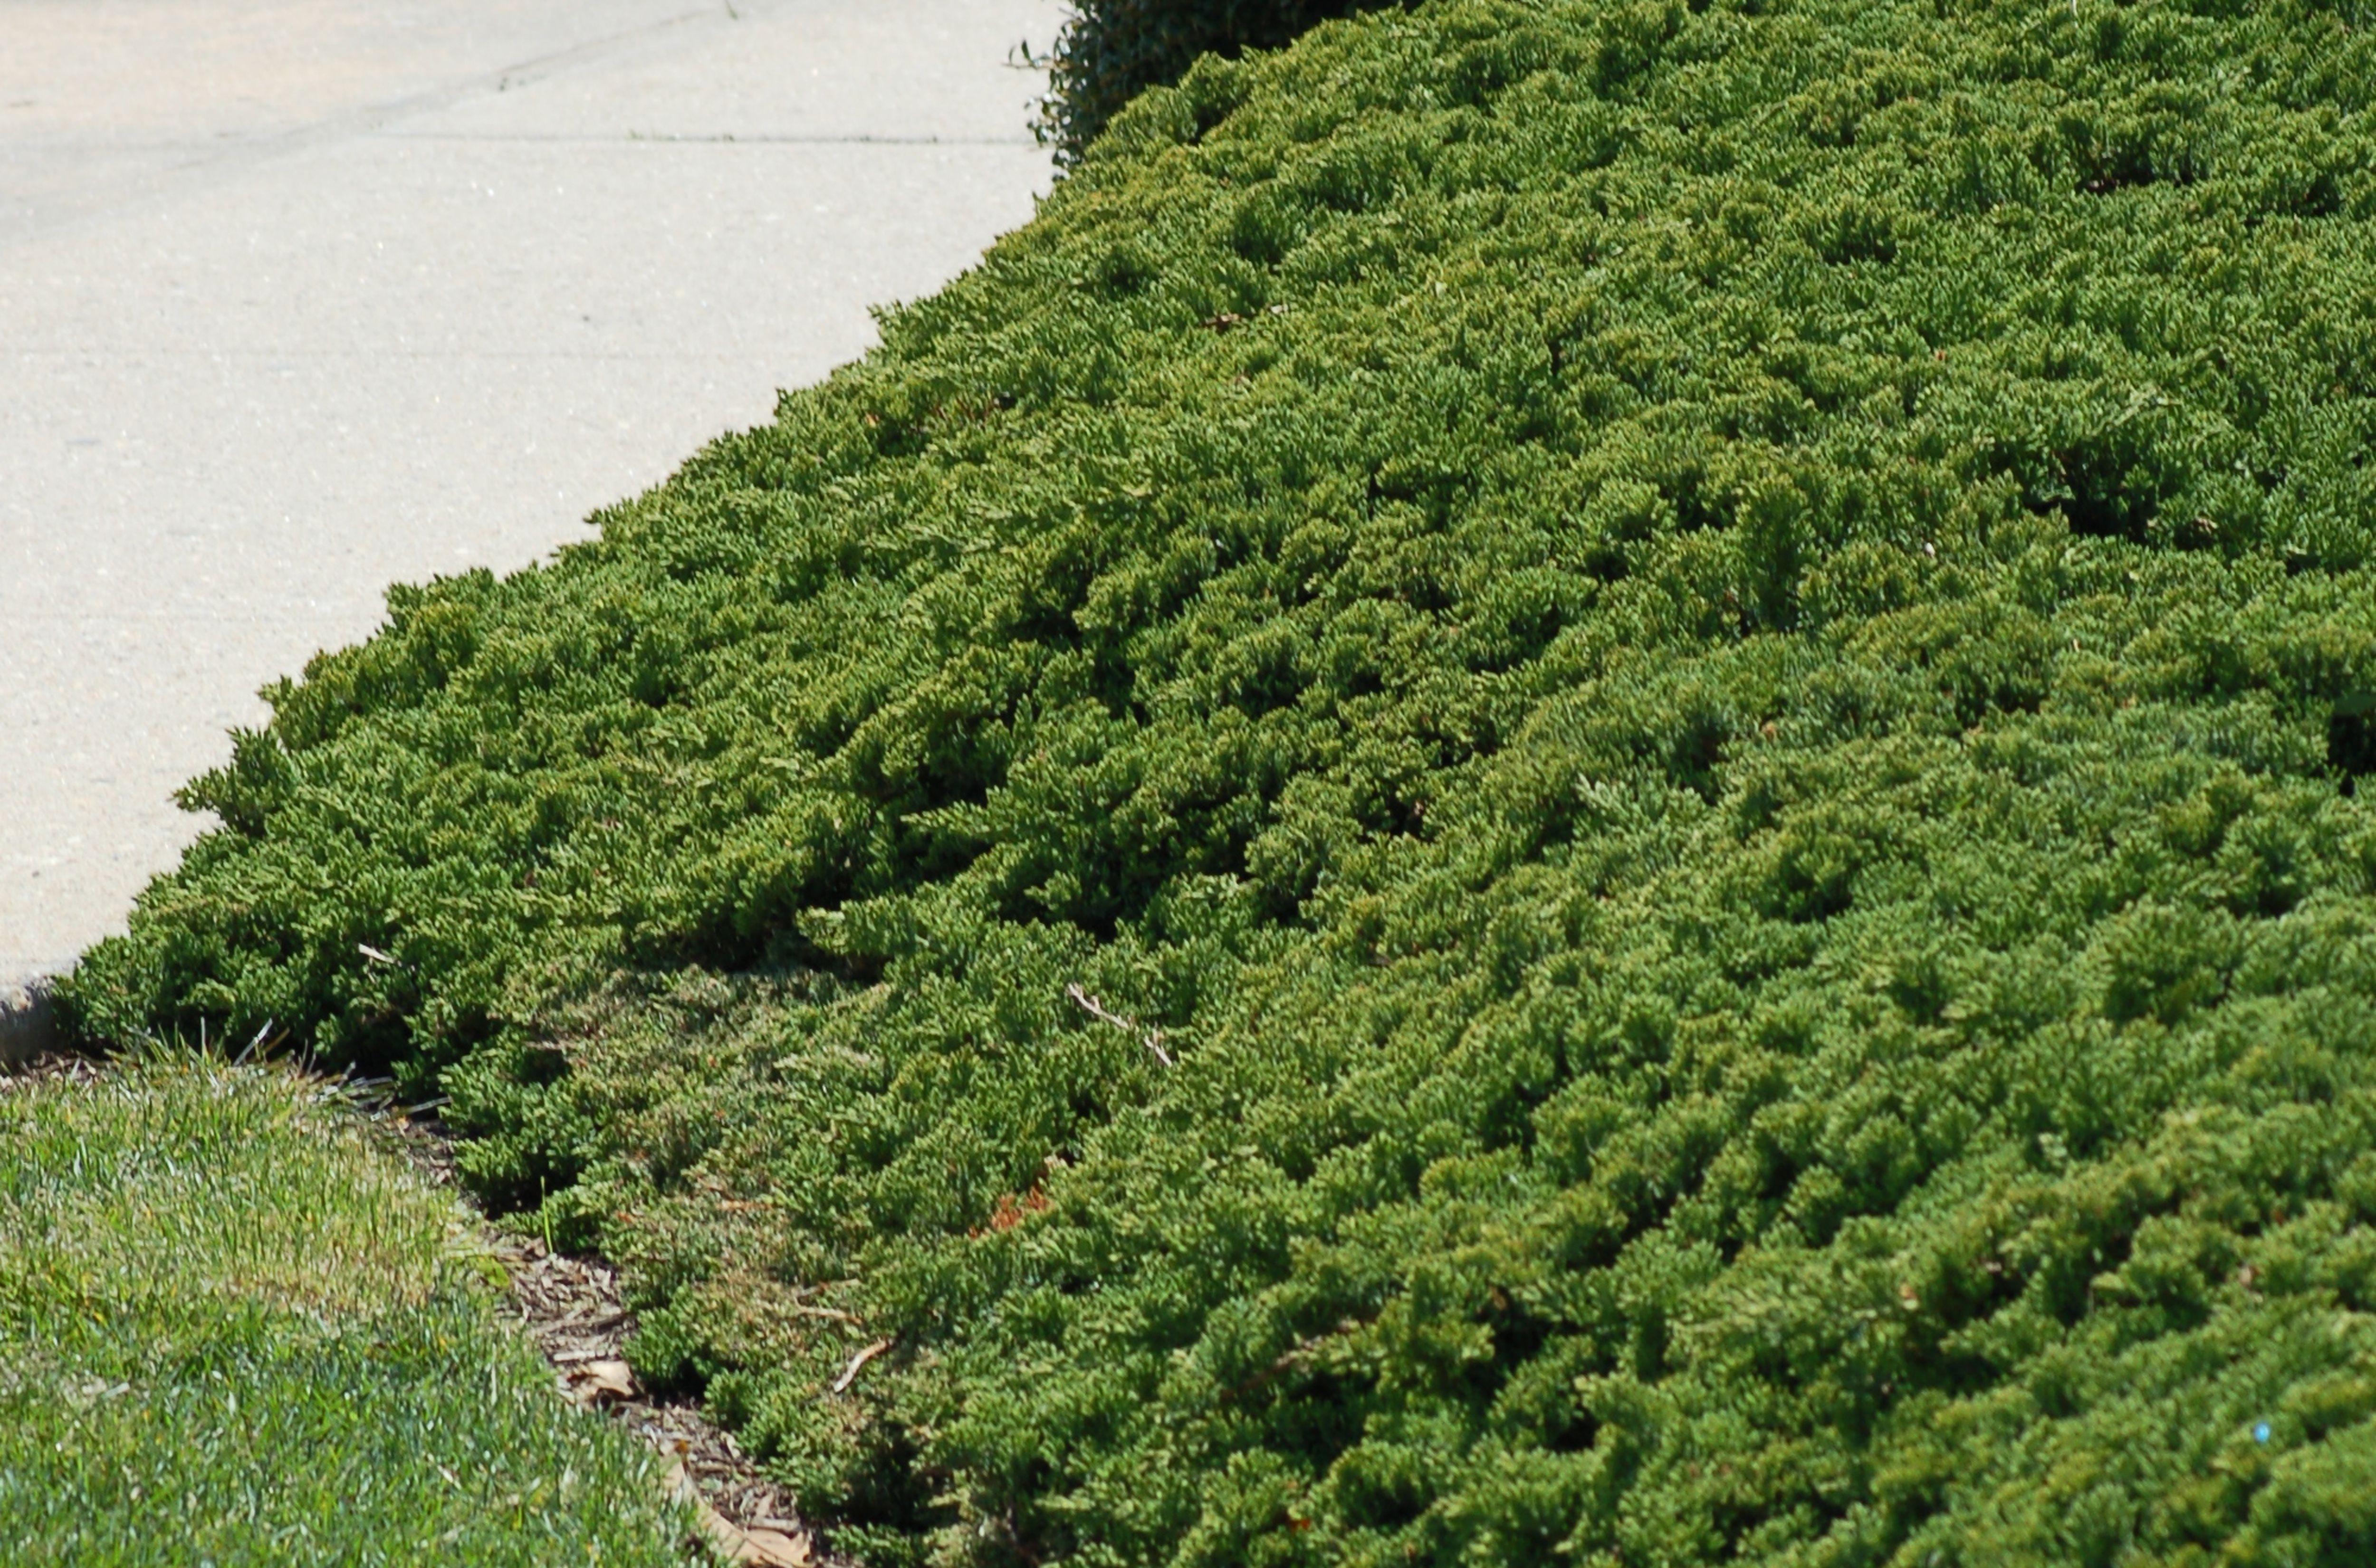 Creeping juniper planted near a sidewalk.